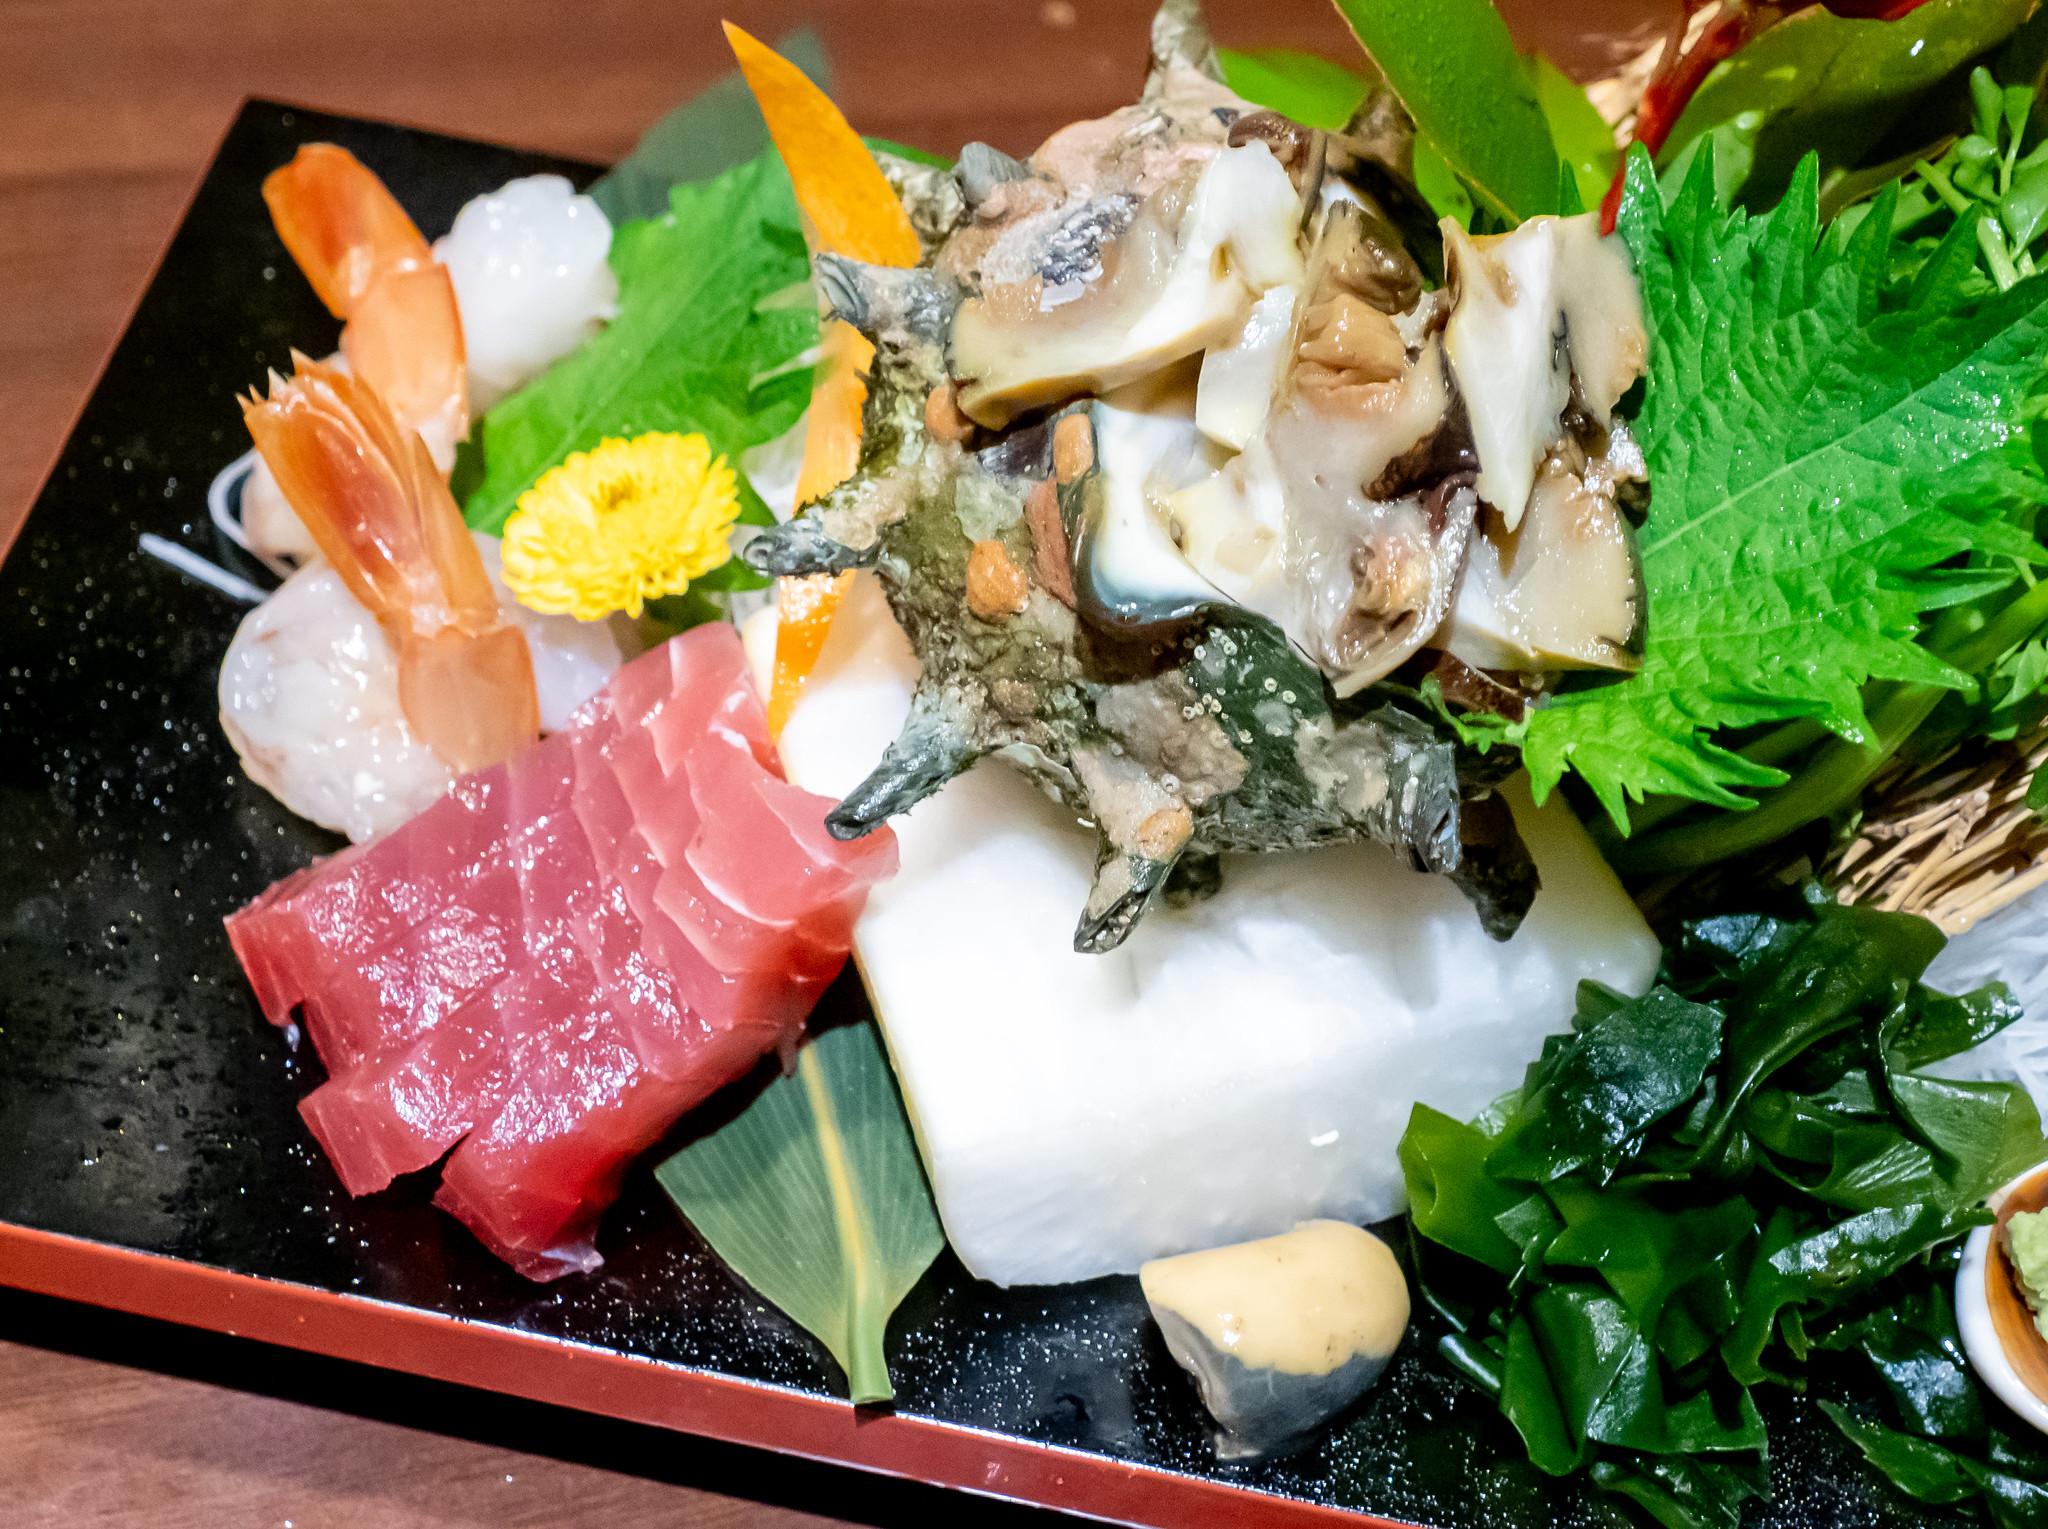 コスパの良い九州地鶏の飲み放題コース 地鶏匠 八重洲日本橋店